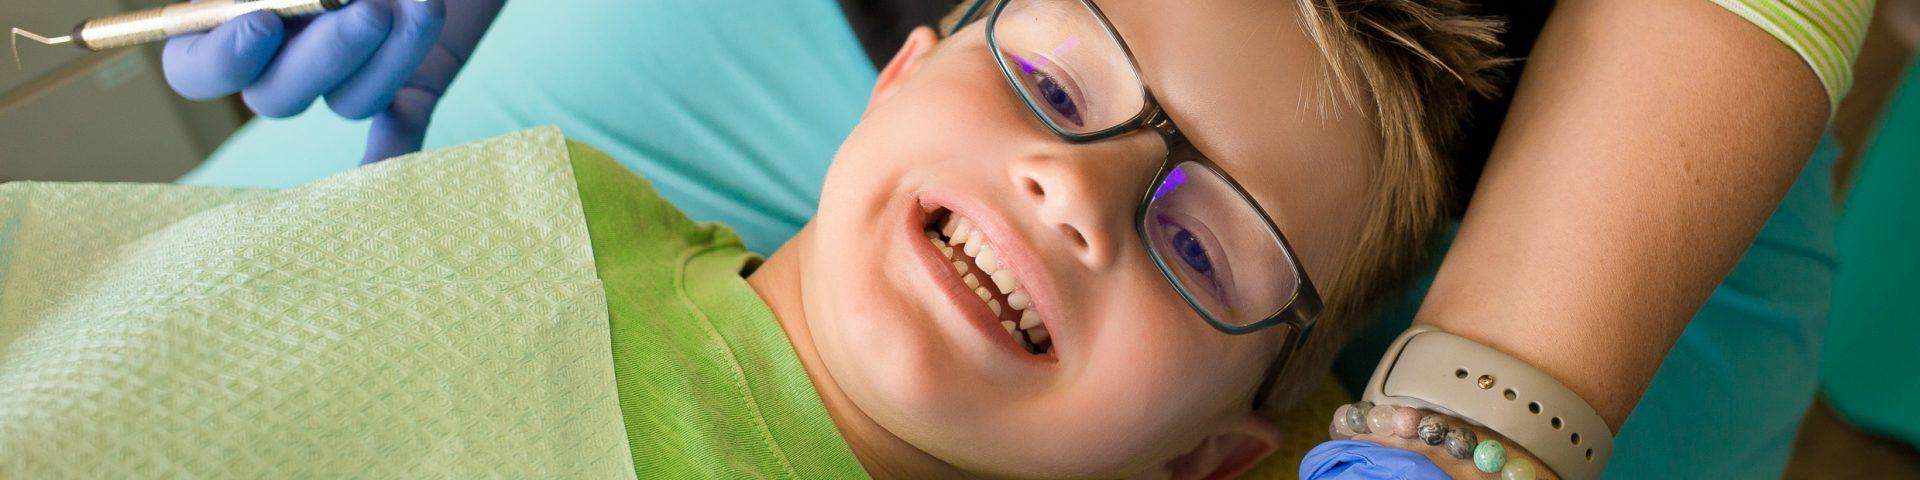 Dentist for children in Blaine, MN